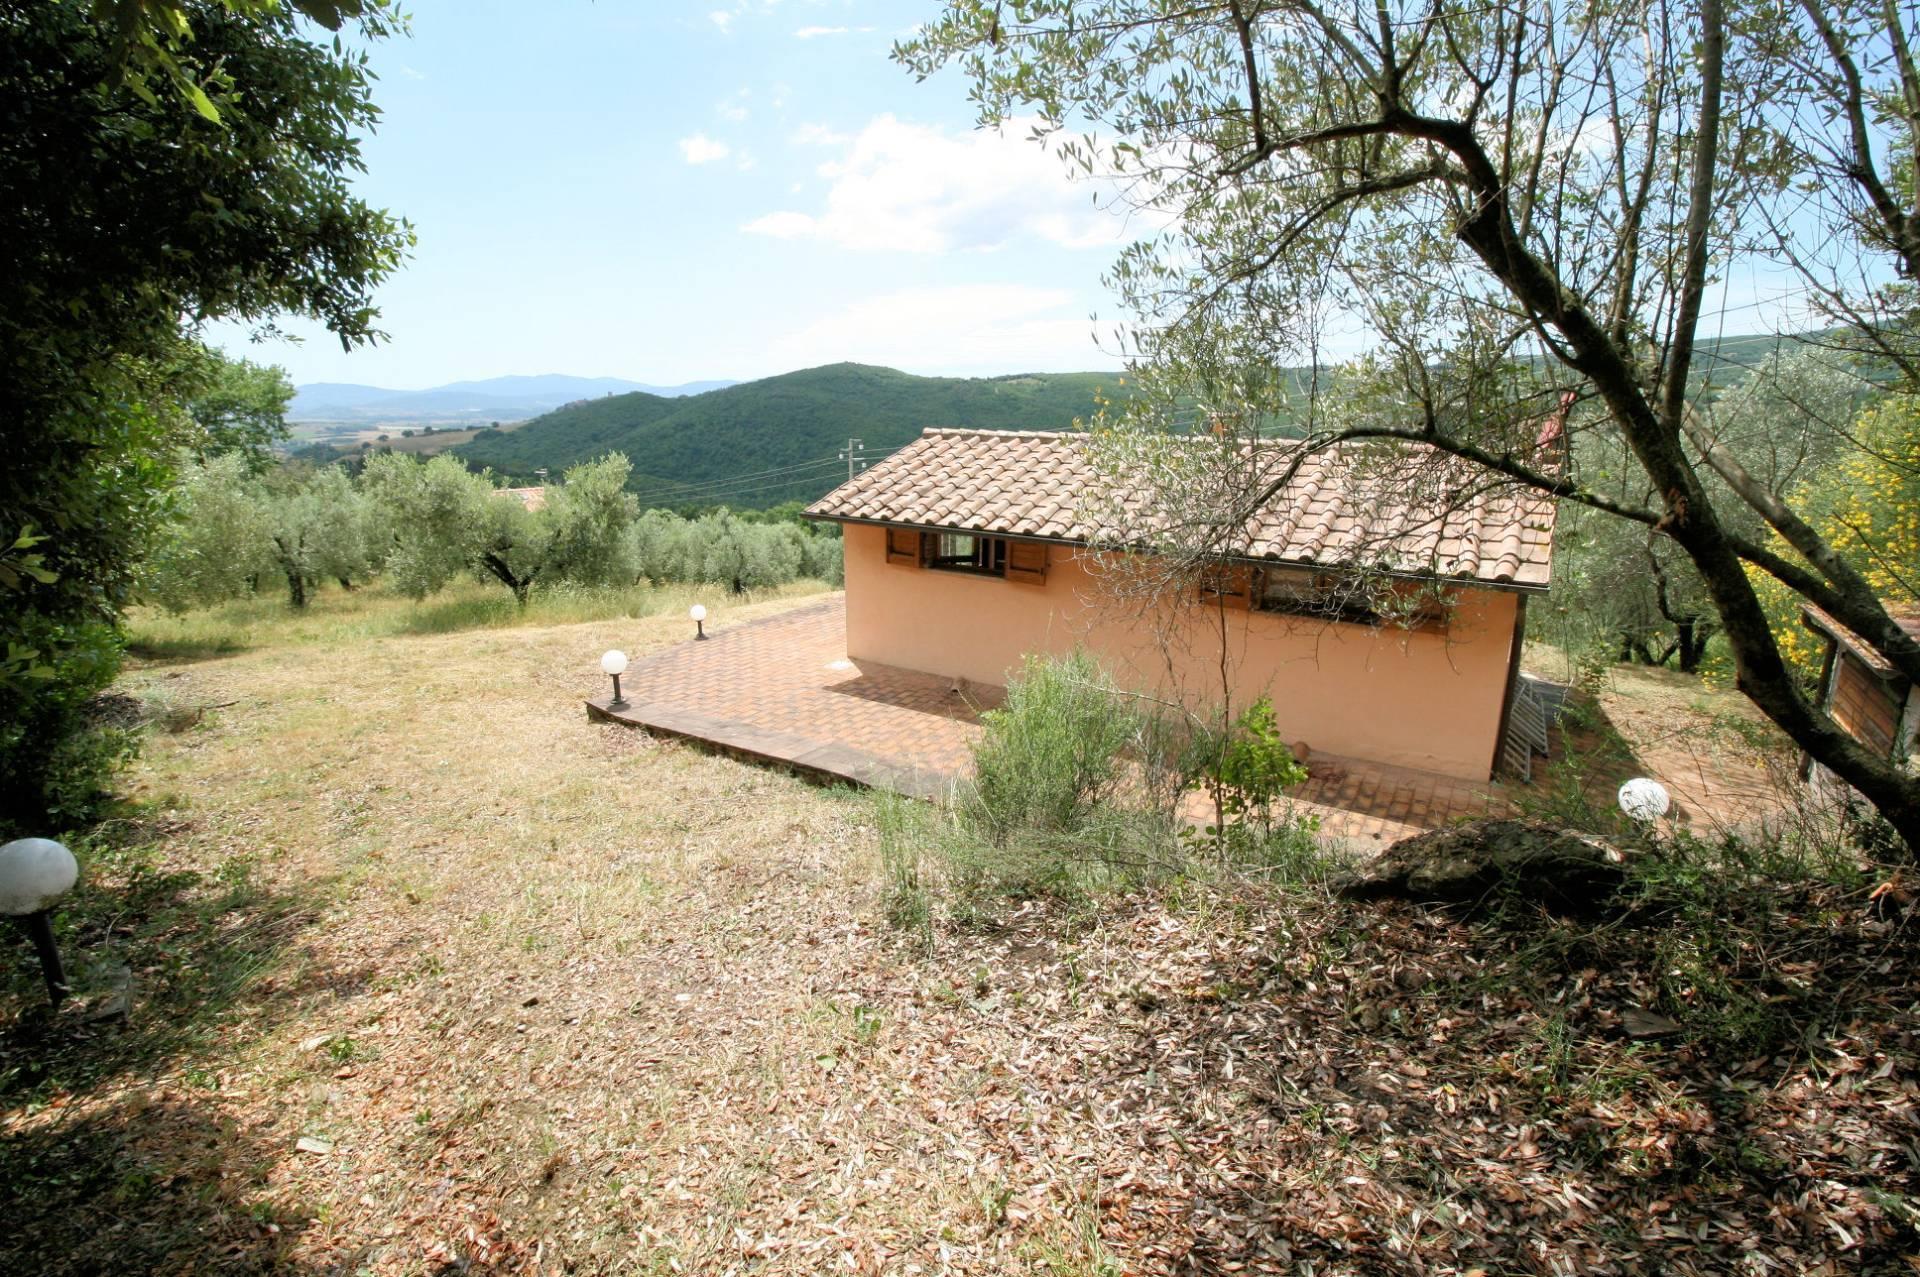 1157-Annesso agricolo con vista panoramica-Roccastrada-1 Agenzia Immobiliare ASIP